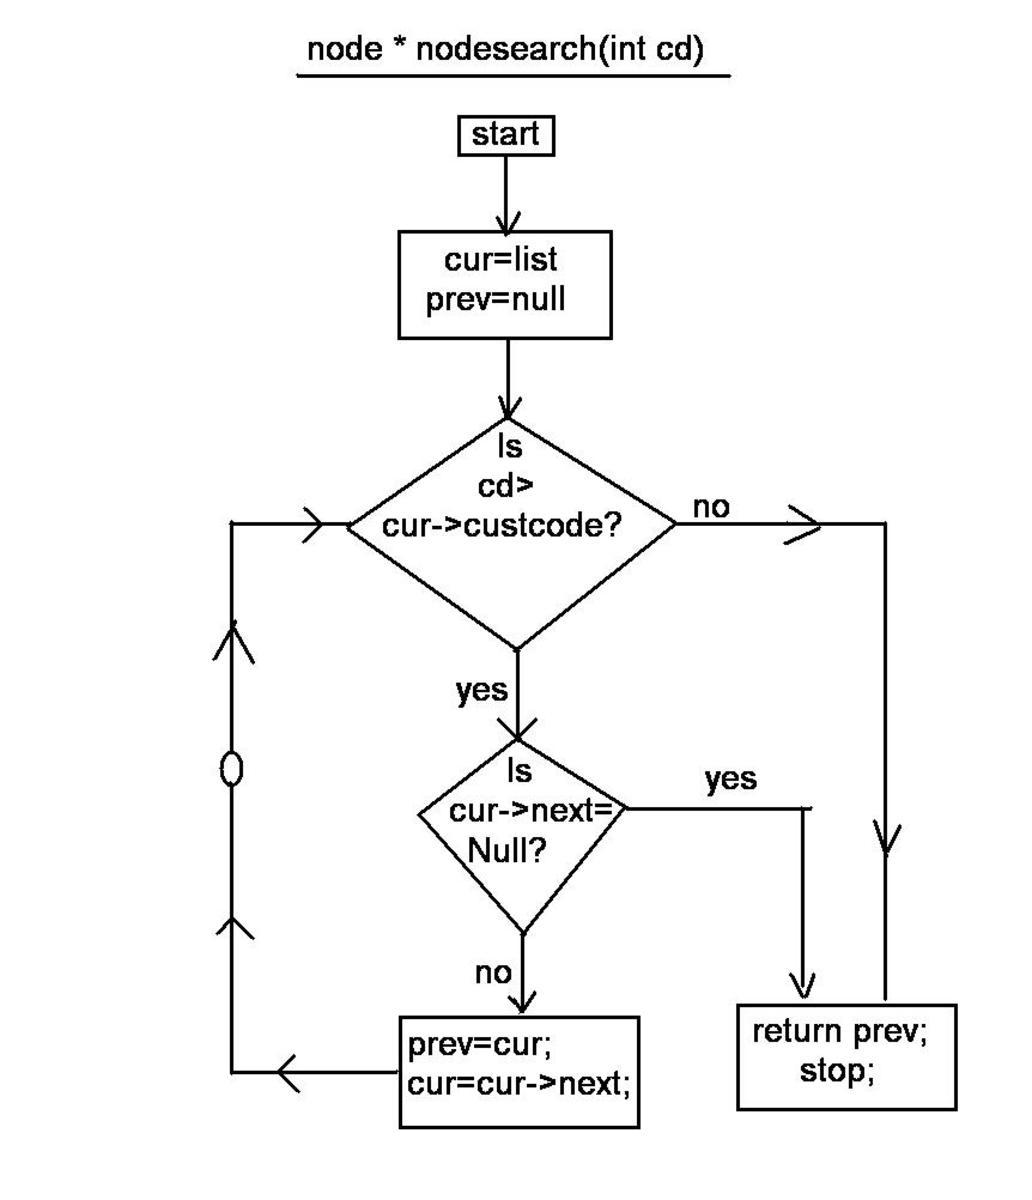 node * nodesearch(int cd)